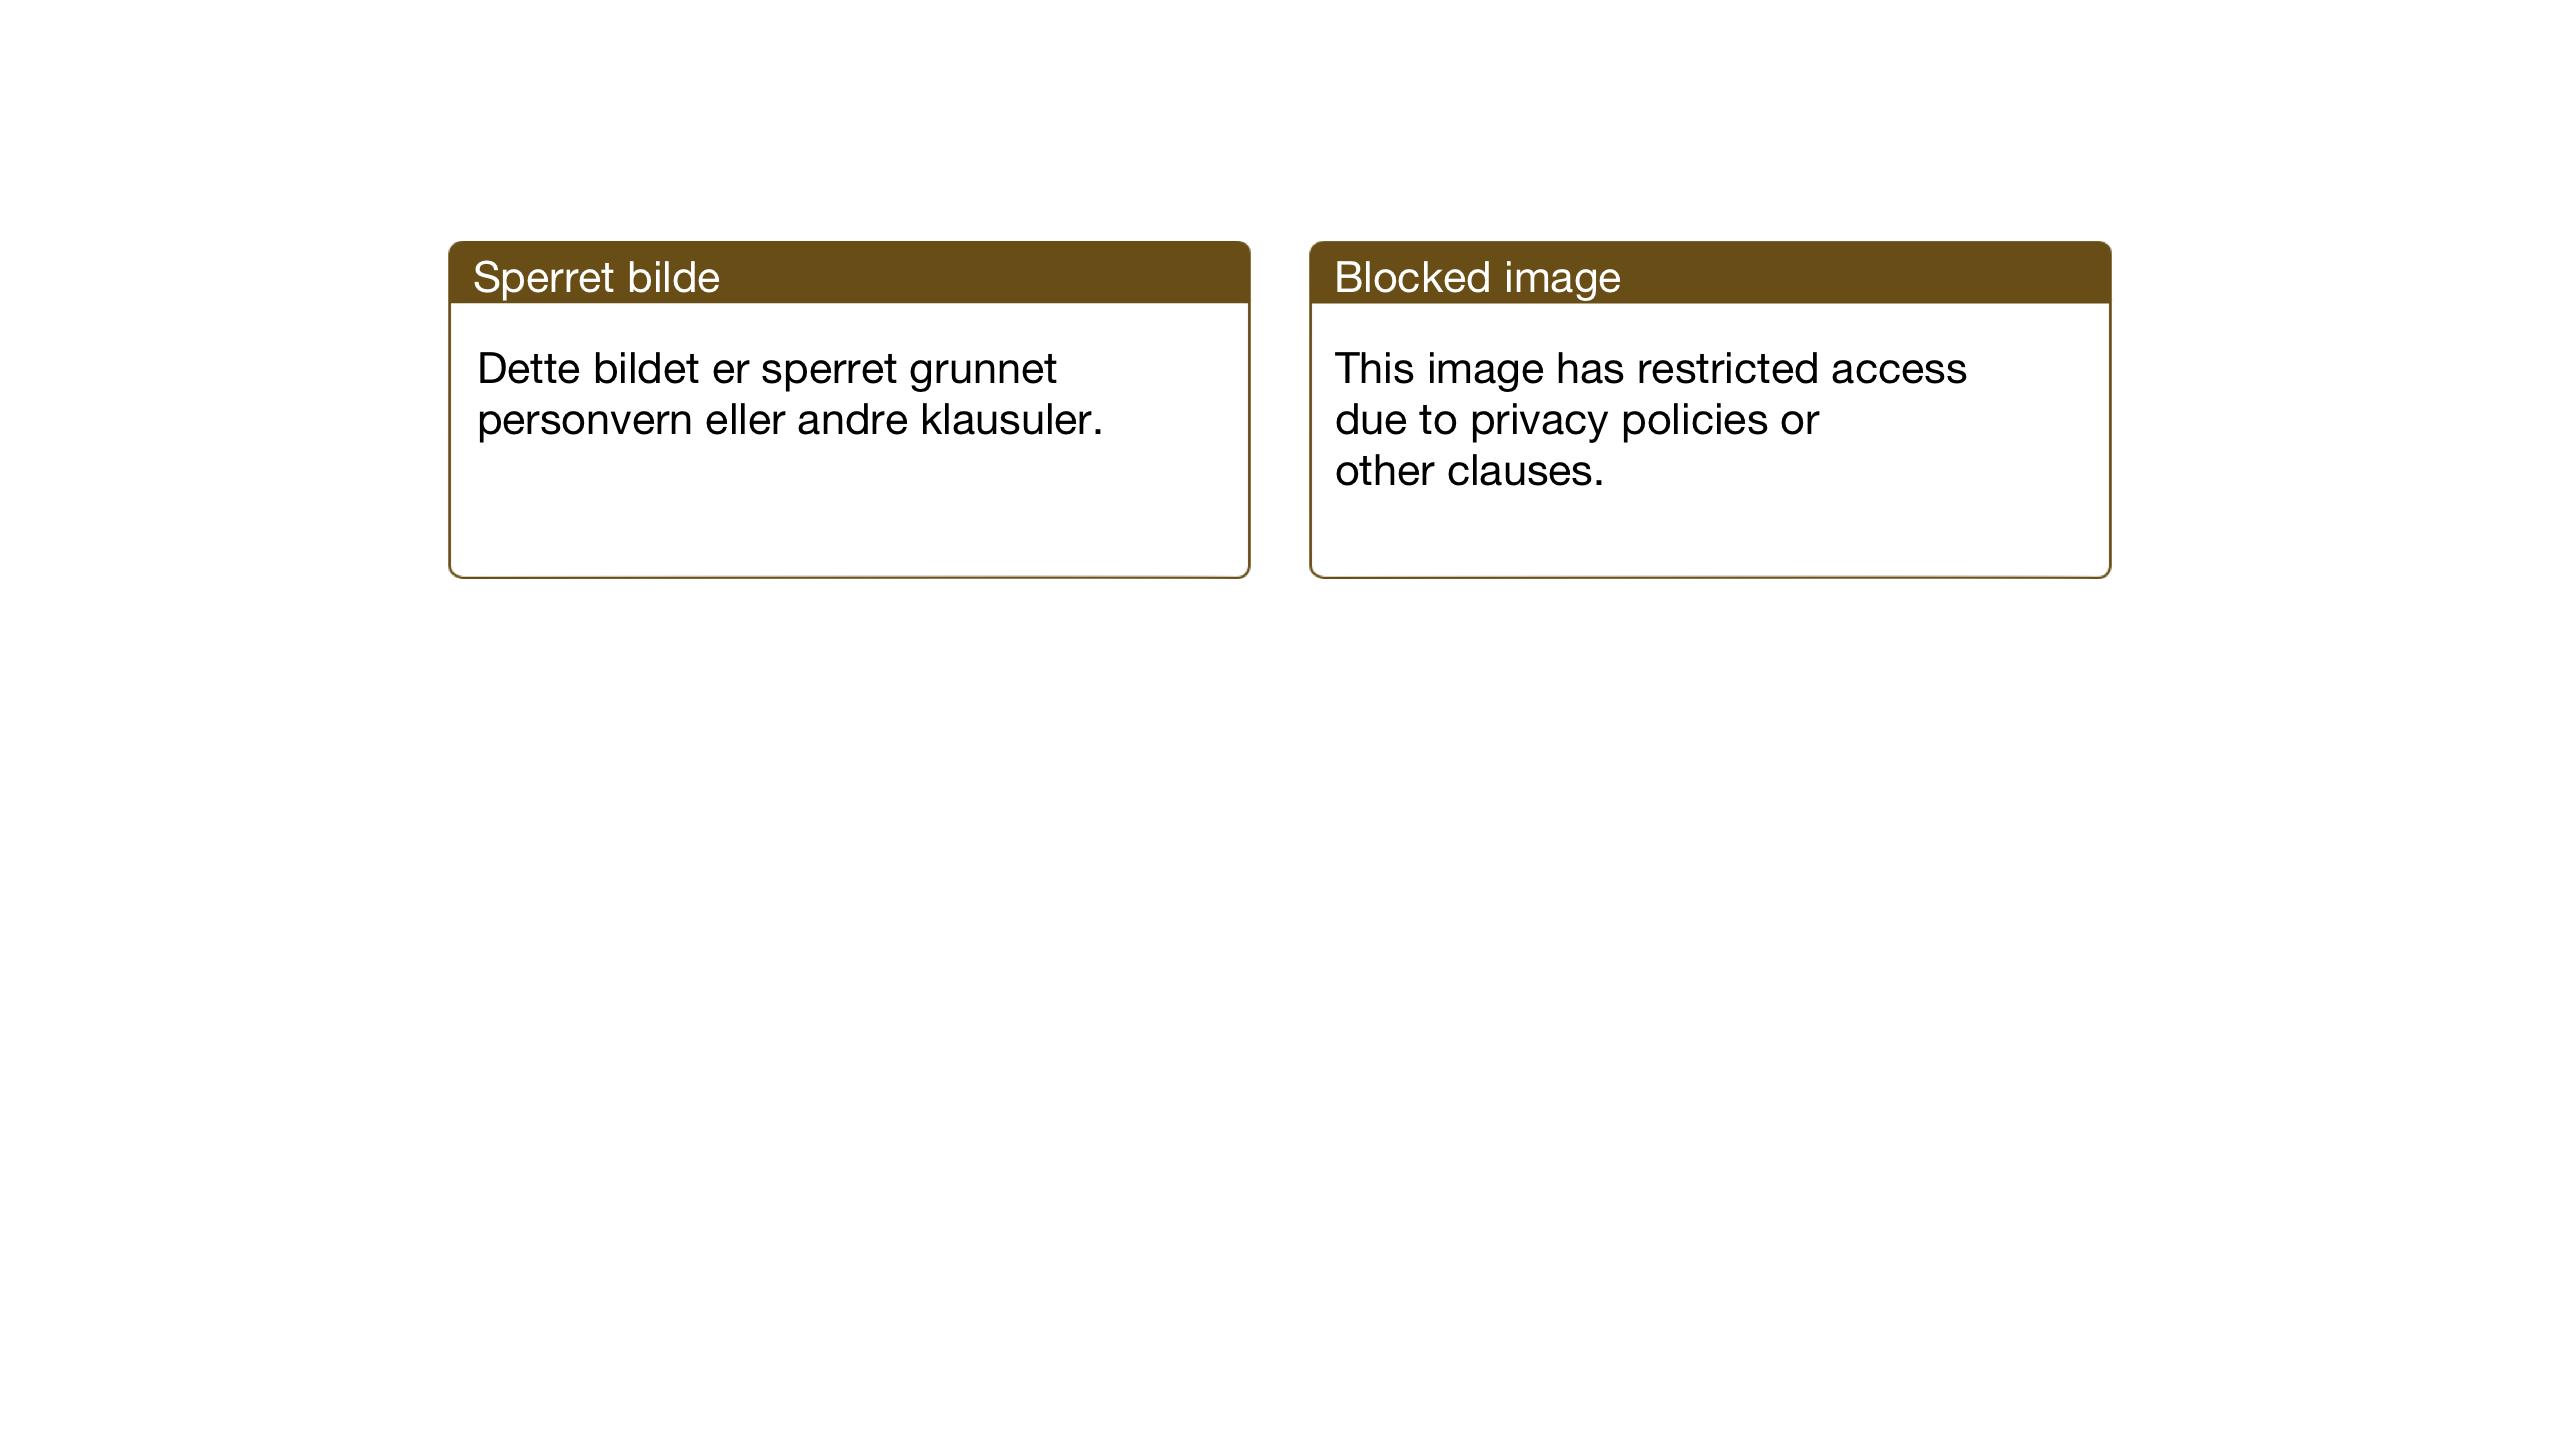 SAT, Ministerialprotokoller, klokkerbøker og fødselsregistre - Sør-Trøndelag, 638/L0569: Klokkerbok nr. 638C01, 1923-1961, s. 140